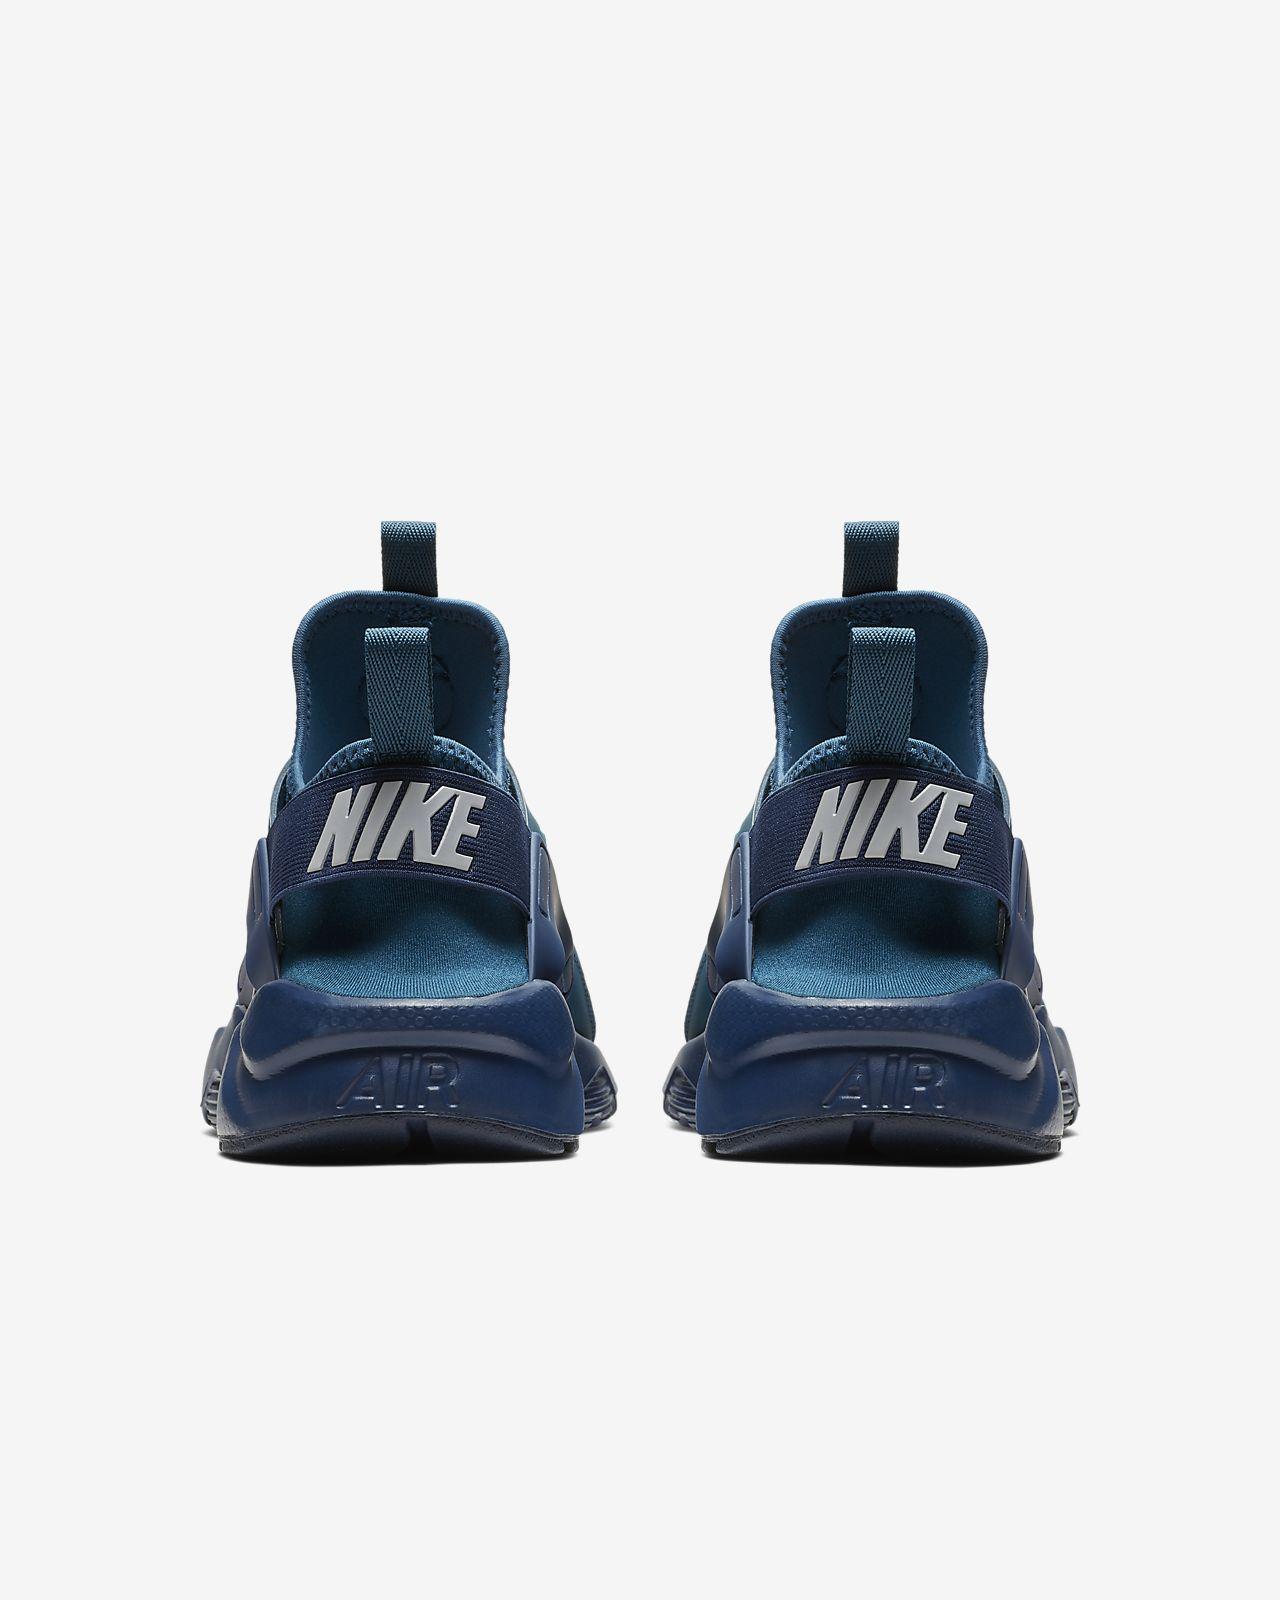 6898e7e362b22 Nike Air Huarache Ultra Men s Shoe. Nike.com NL